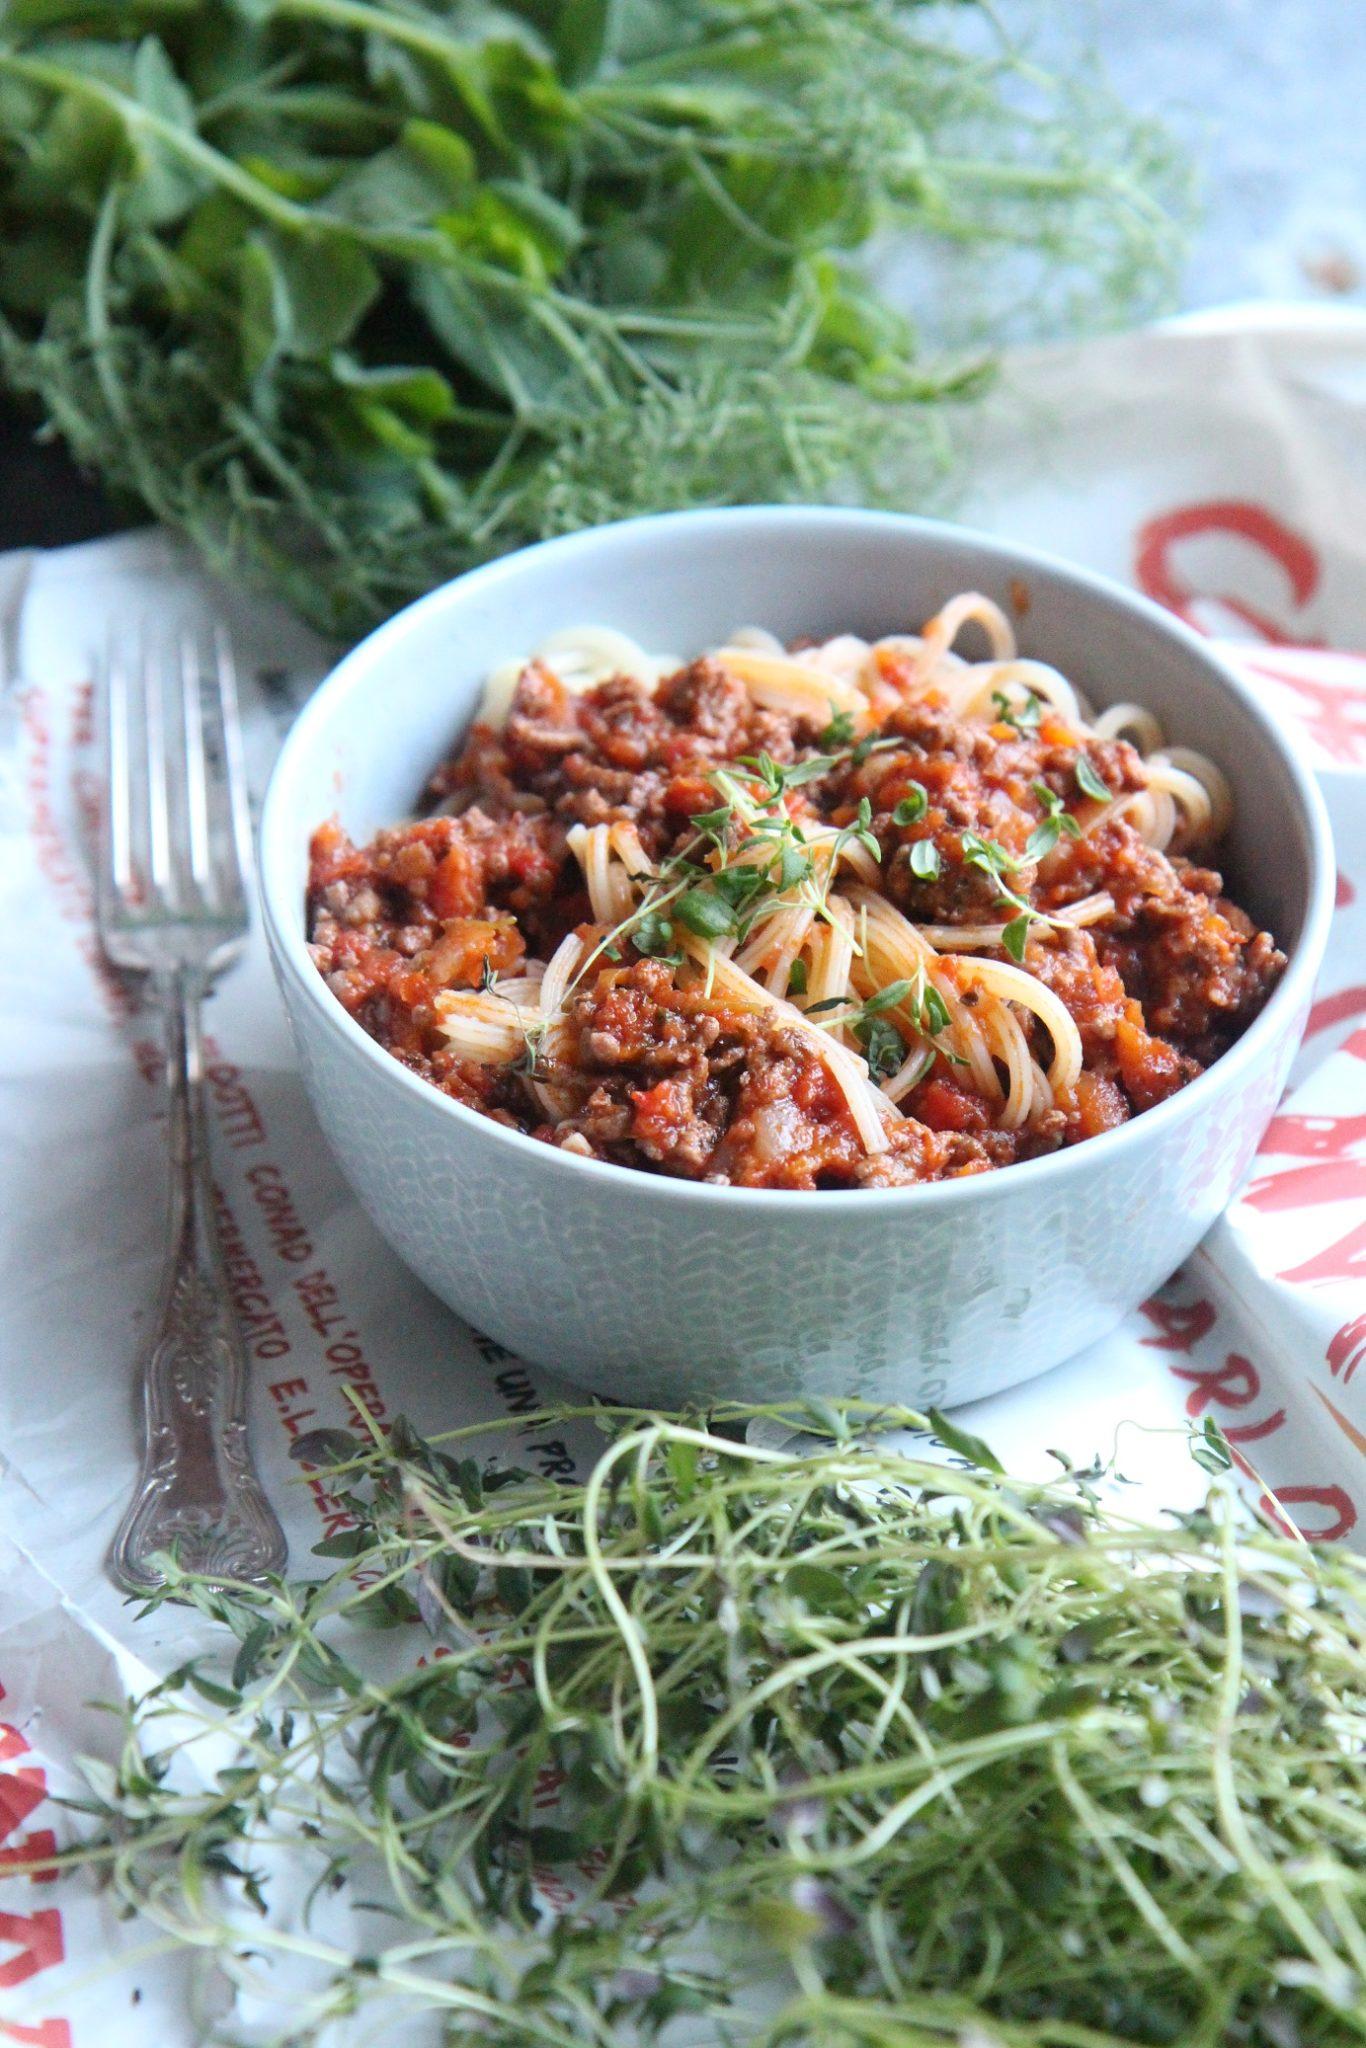 Viikko 3: Tuhti italialainen jauhelihakastike – Ragu alla Bolognese